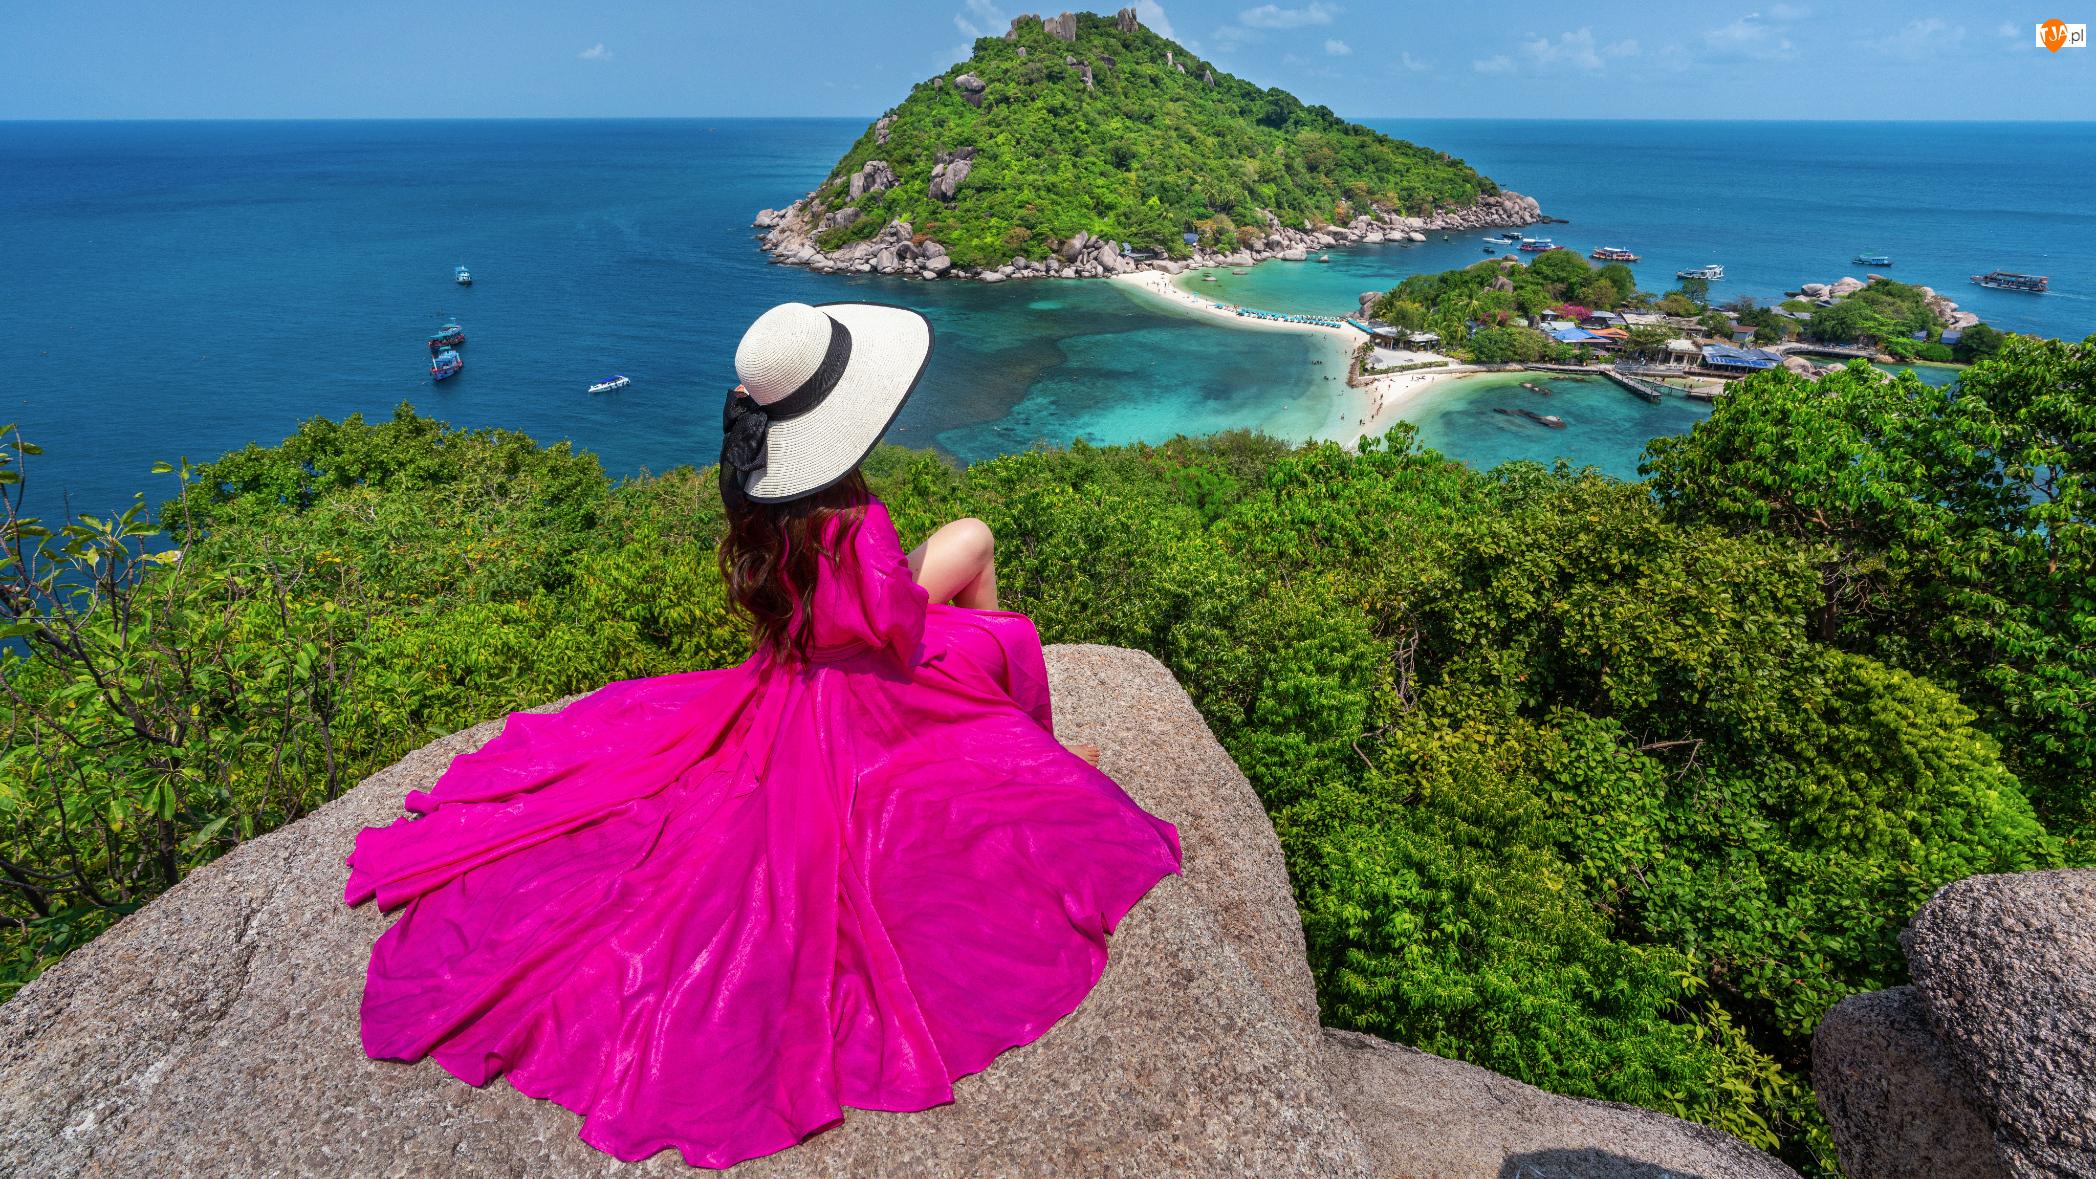 Tajlandia, Kapelusz, Wyspy, Skały, Morze Andamańskie, Różowa, Sukienka, Kobieta, Drzewa